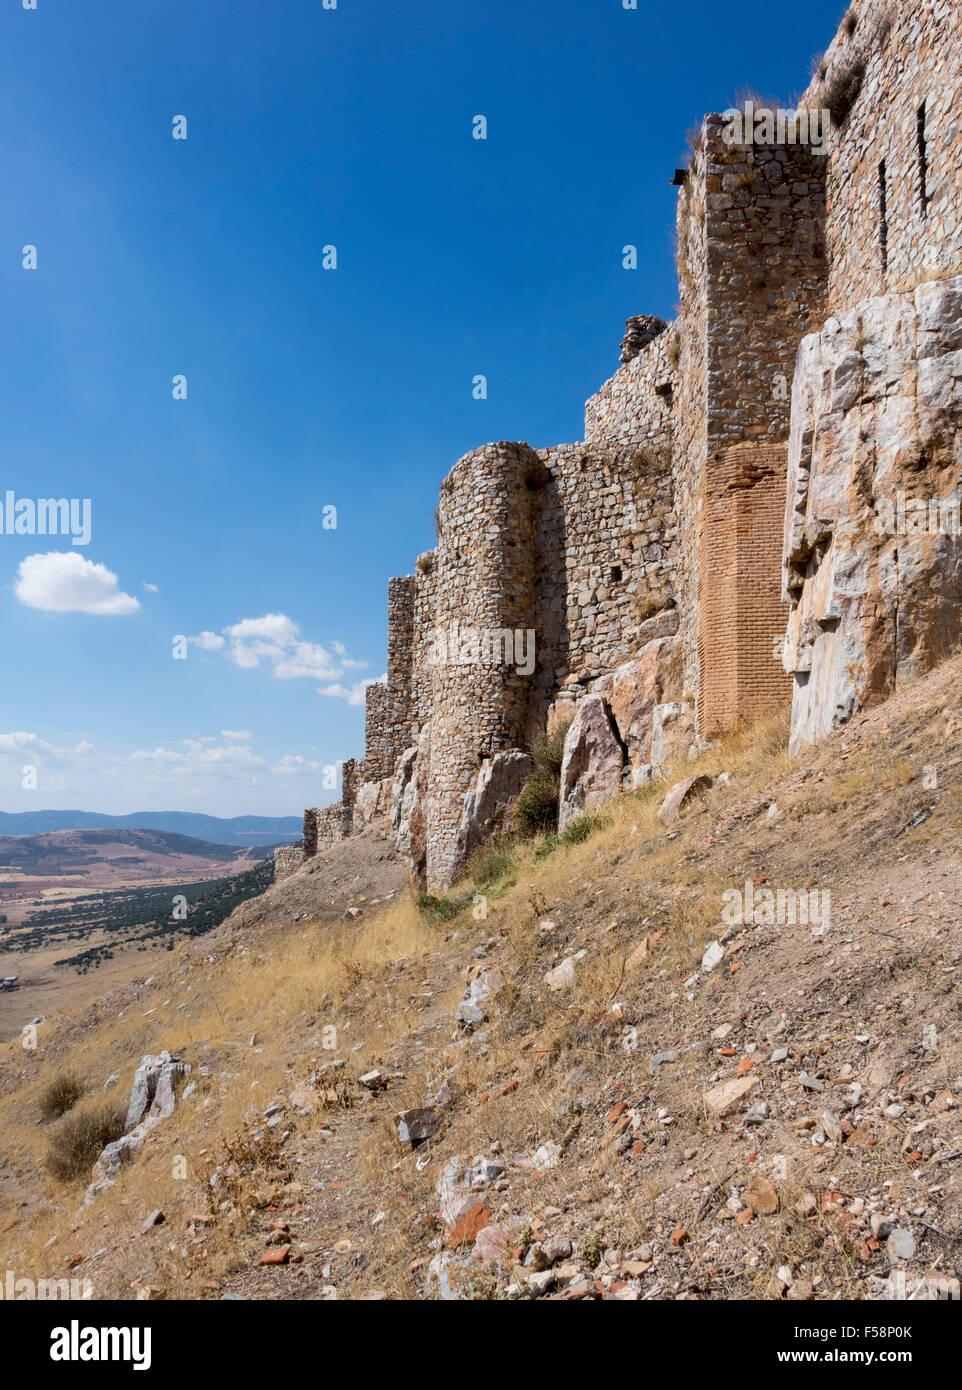 El castillo en lo alto de la colina fortaleza y antiguo convento de Calatrava La Nueva, cerca de Ciudad Real, Castilla Imagen De Stock